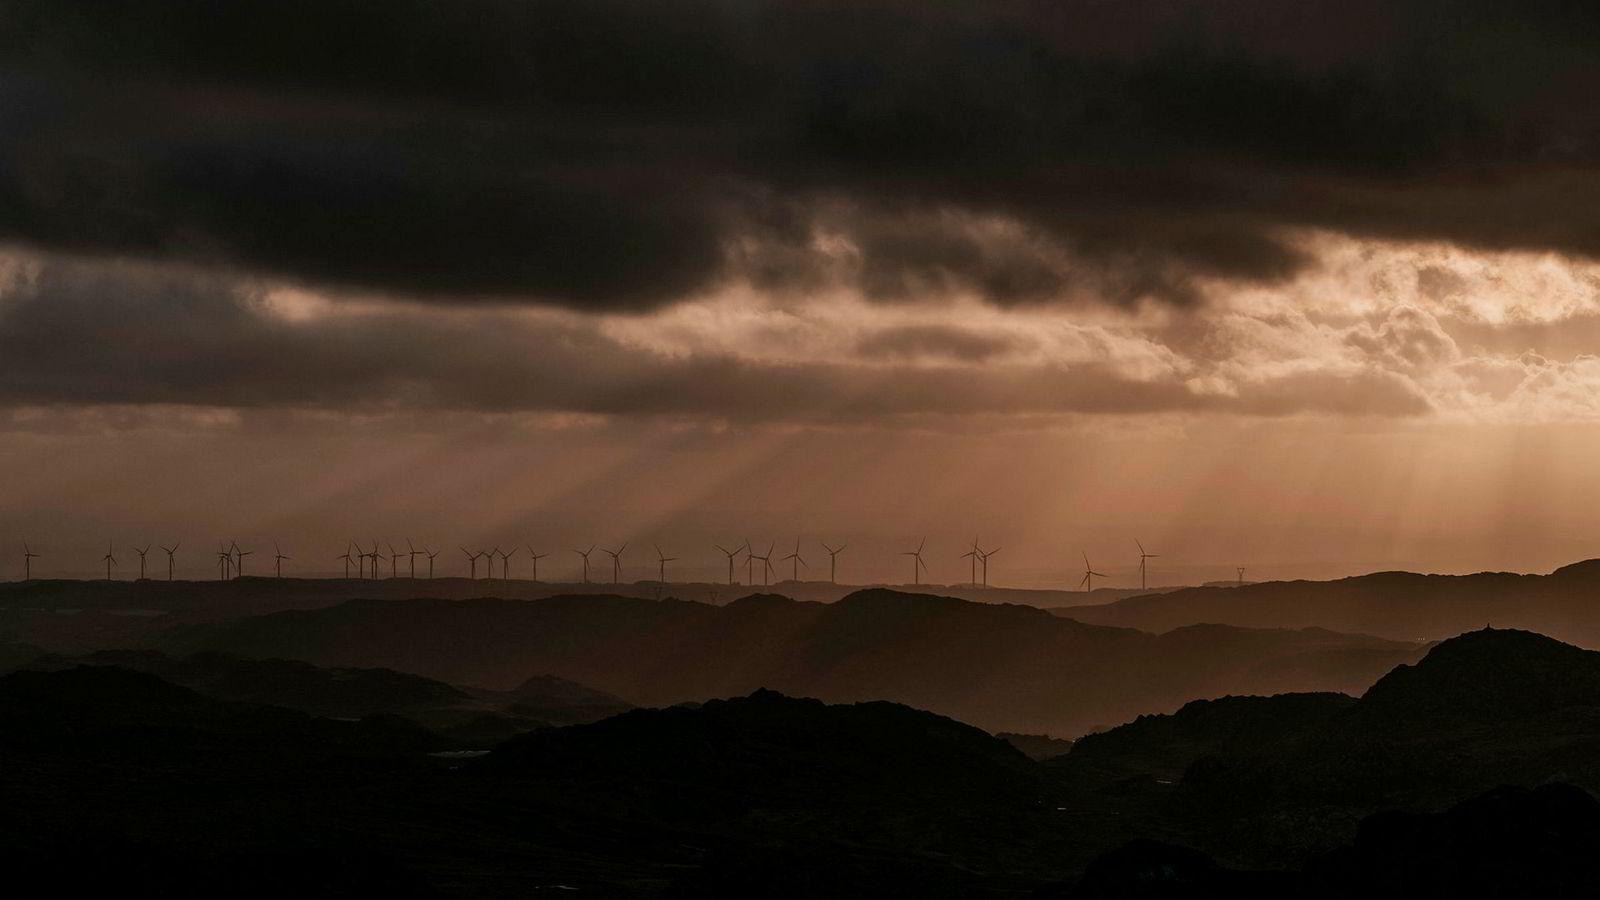 Utbygging av vindmøller på land er lønnsomt, men få ønsker det i sin egen bakgård. Har vi politikere med kraft nok til å kjempe mot dem som mener at andre bør ta klimaregningen? Her fra Høg-Jæren vindpark.